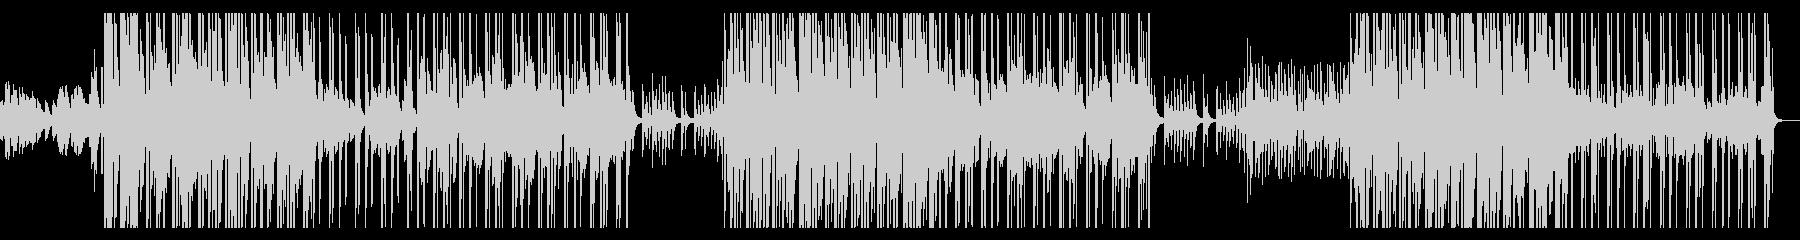 切なく壮大で青春エモなピアノヒップホップの未再生の波形